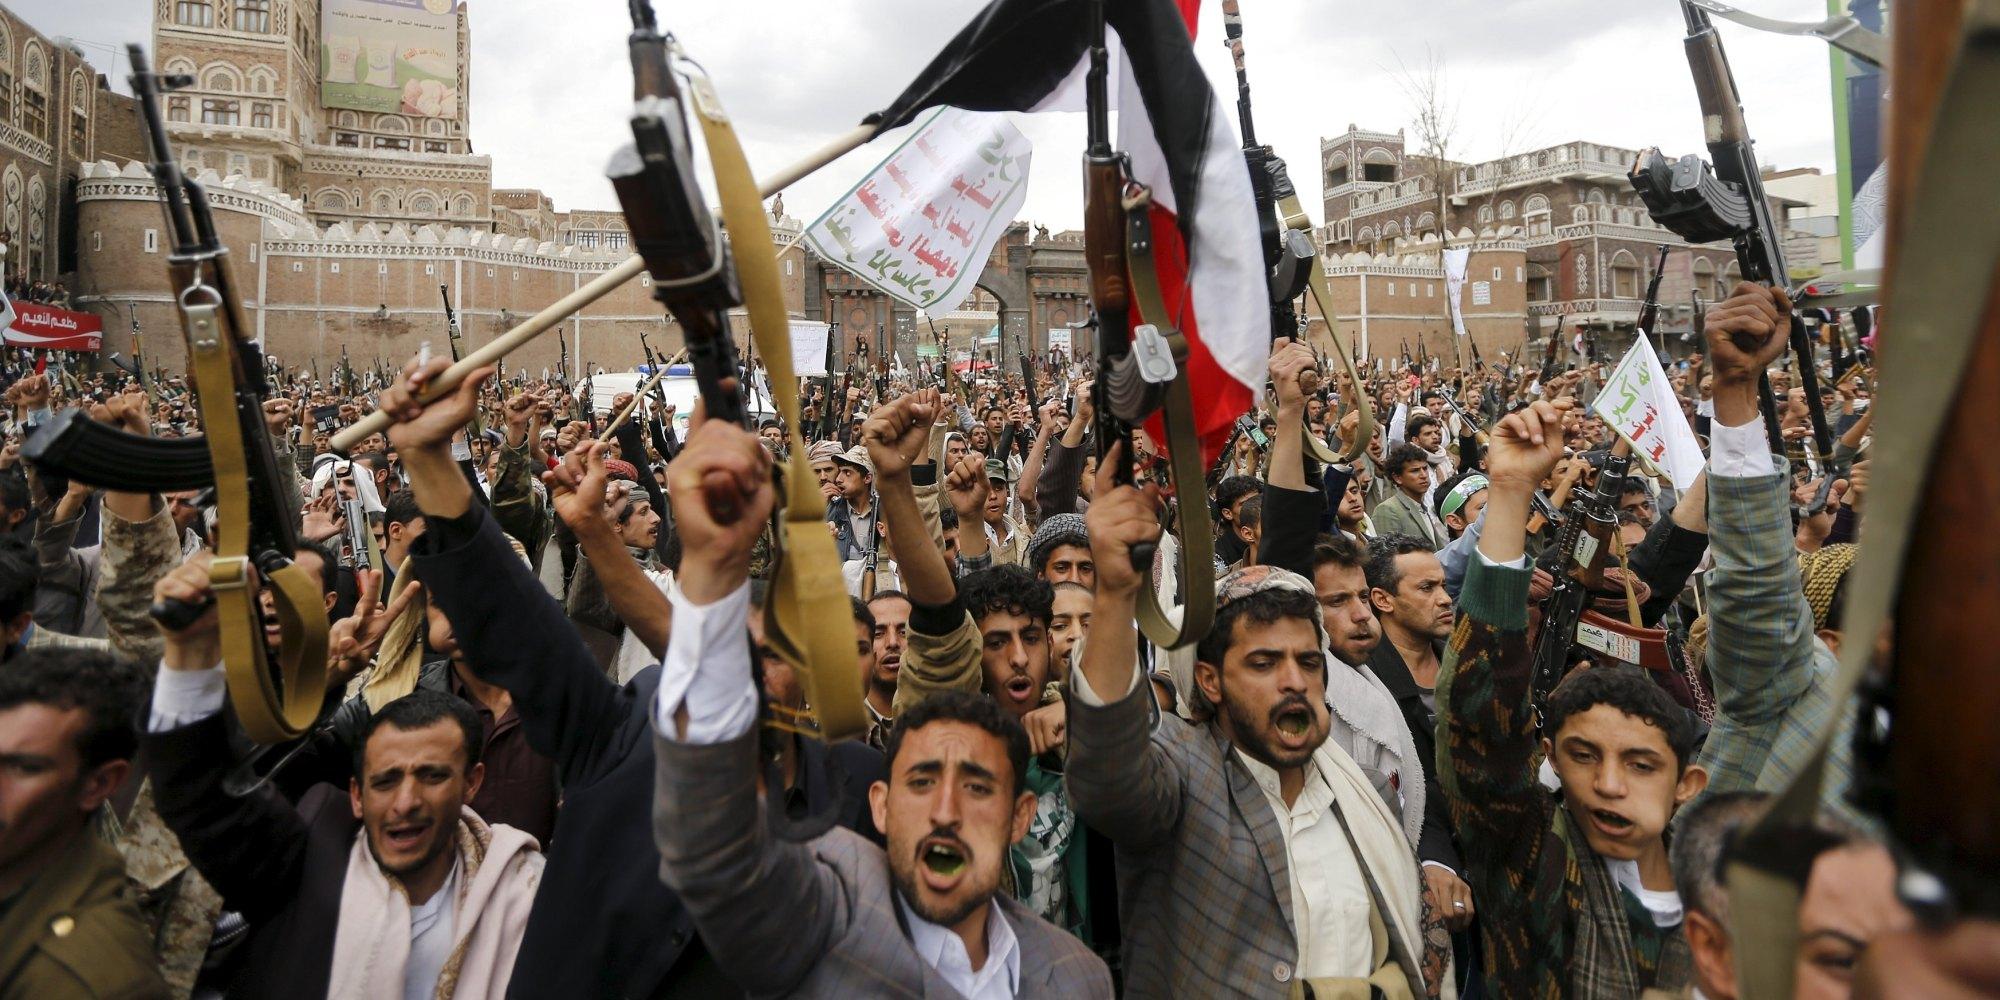 Arabia Felix (si fa per dire): il dimenticato conflitto civile dello Yemen